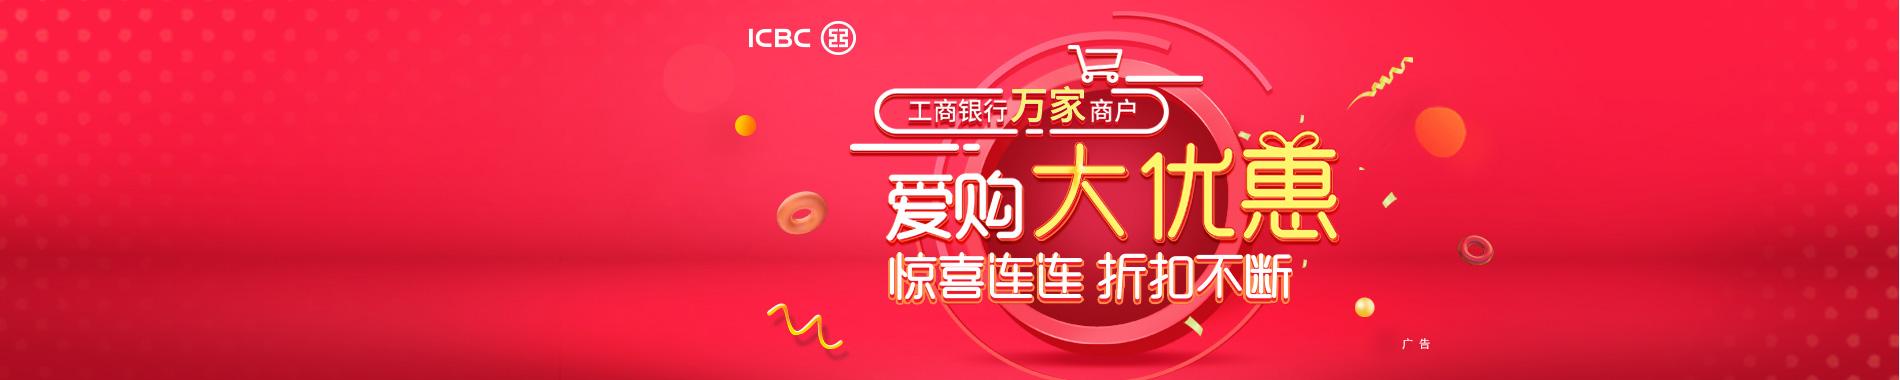 信用卡 中国工商银行中国网站